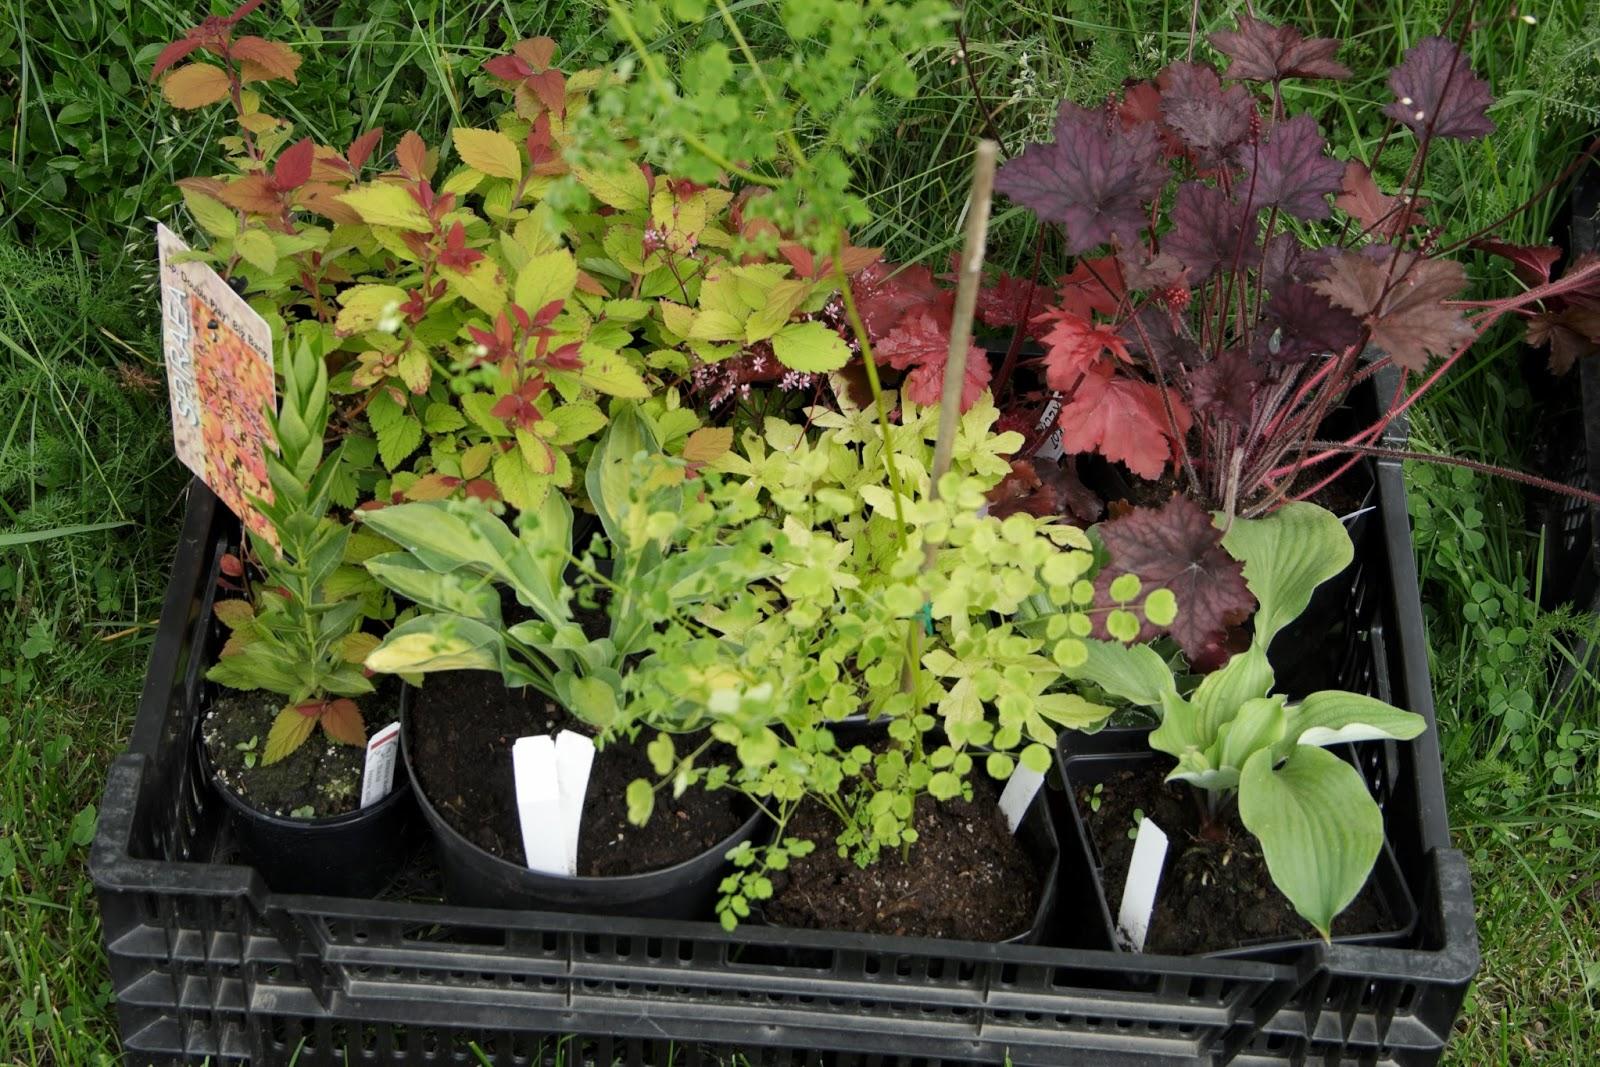 Visningsträdgården hällans trädgårdsblogg: vargviksgården i burträsk